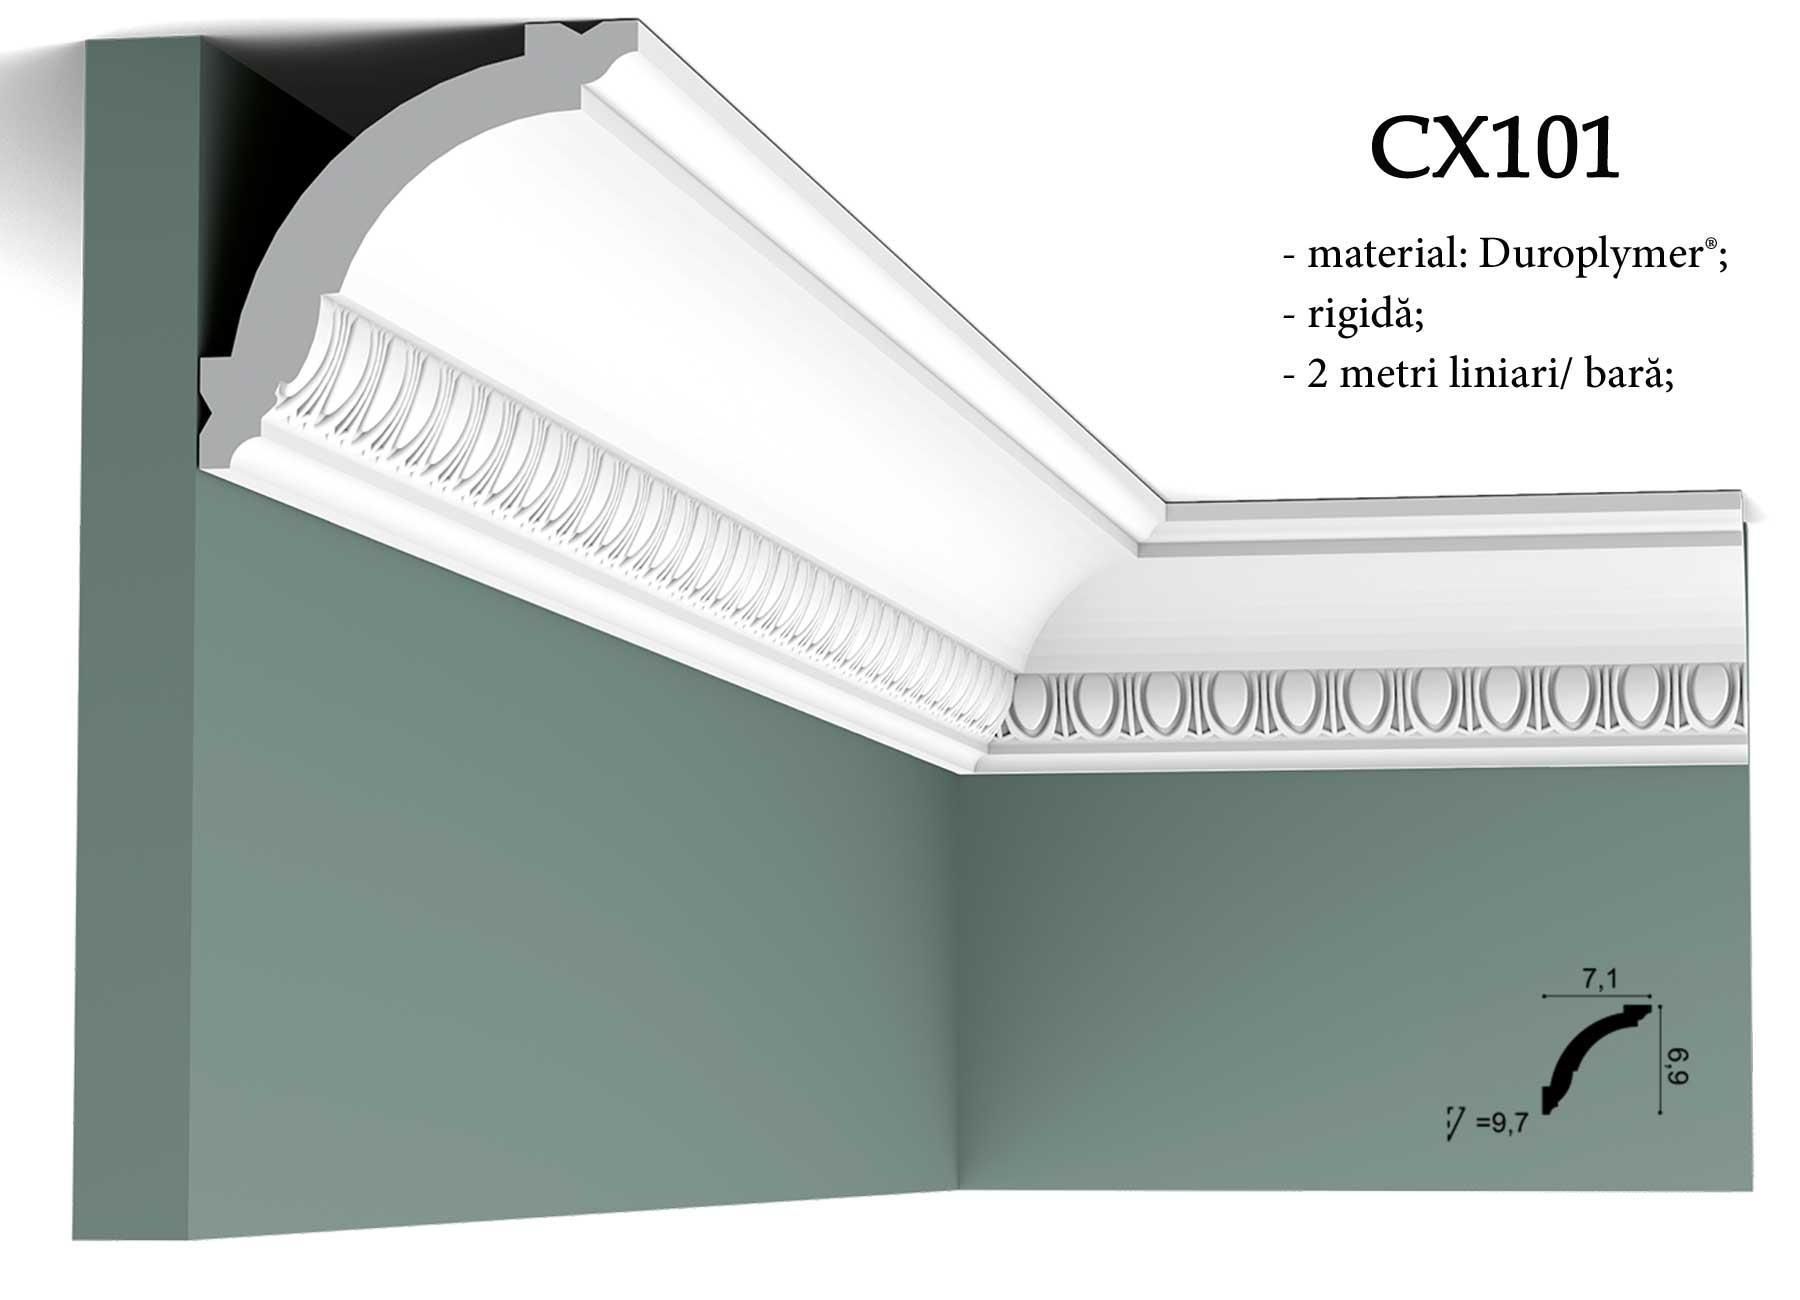 CX101 Cornisa decorativa pentru tavan Orac Decor. erminatie tapet.